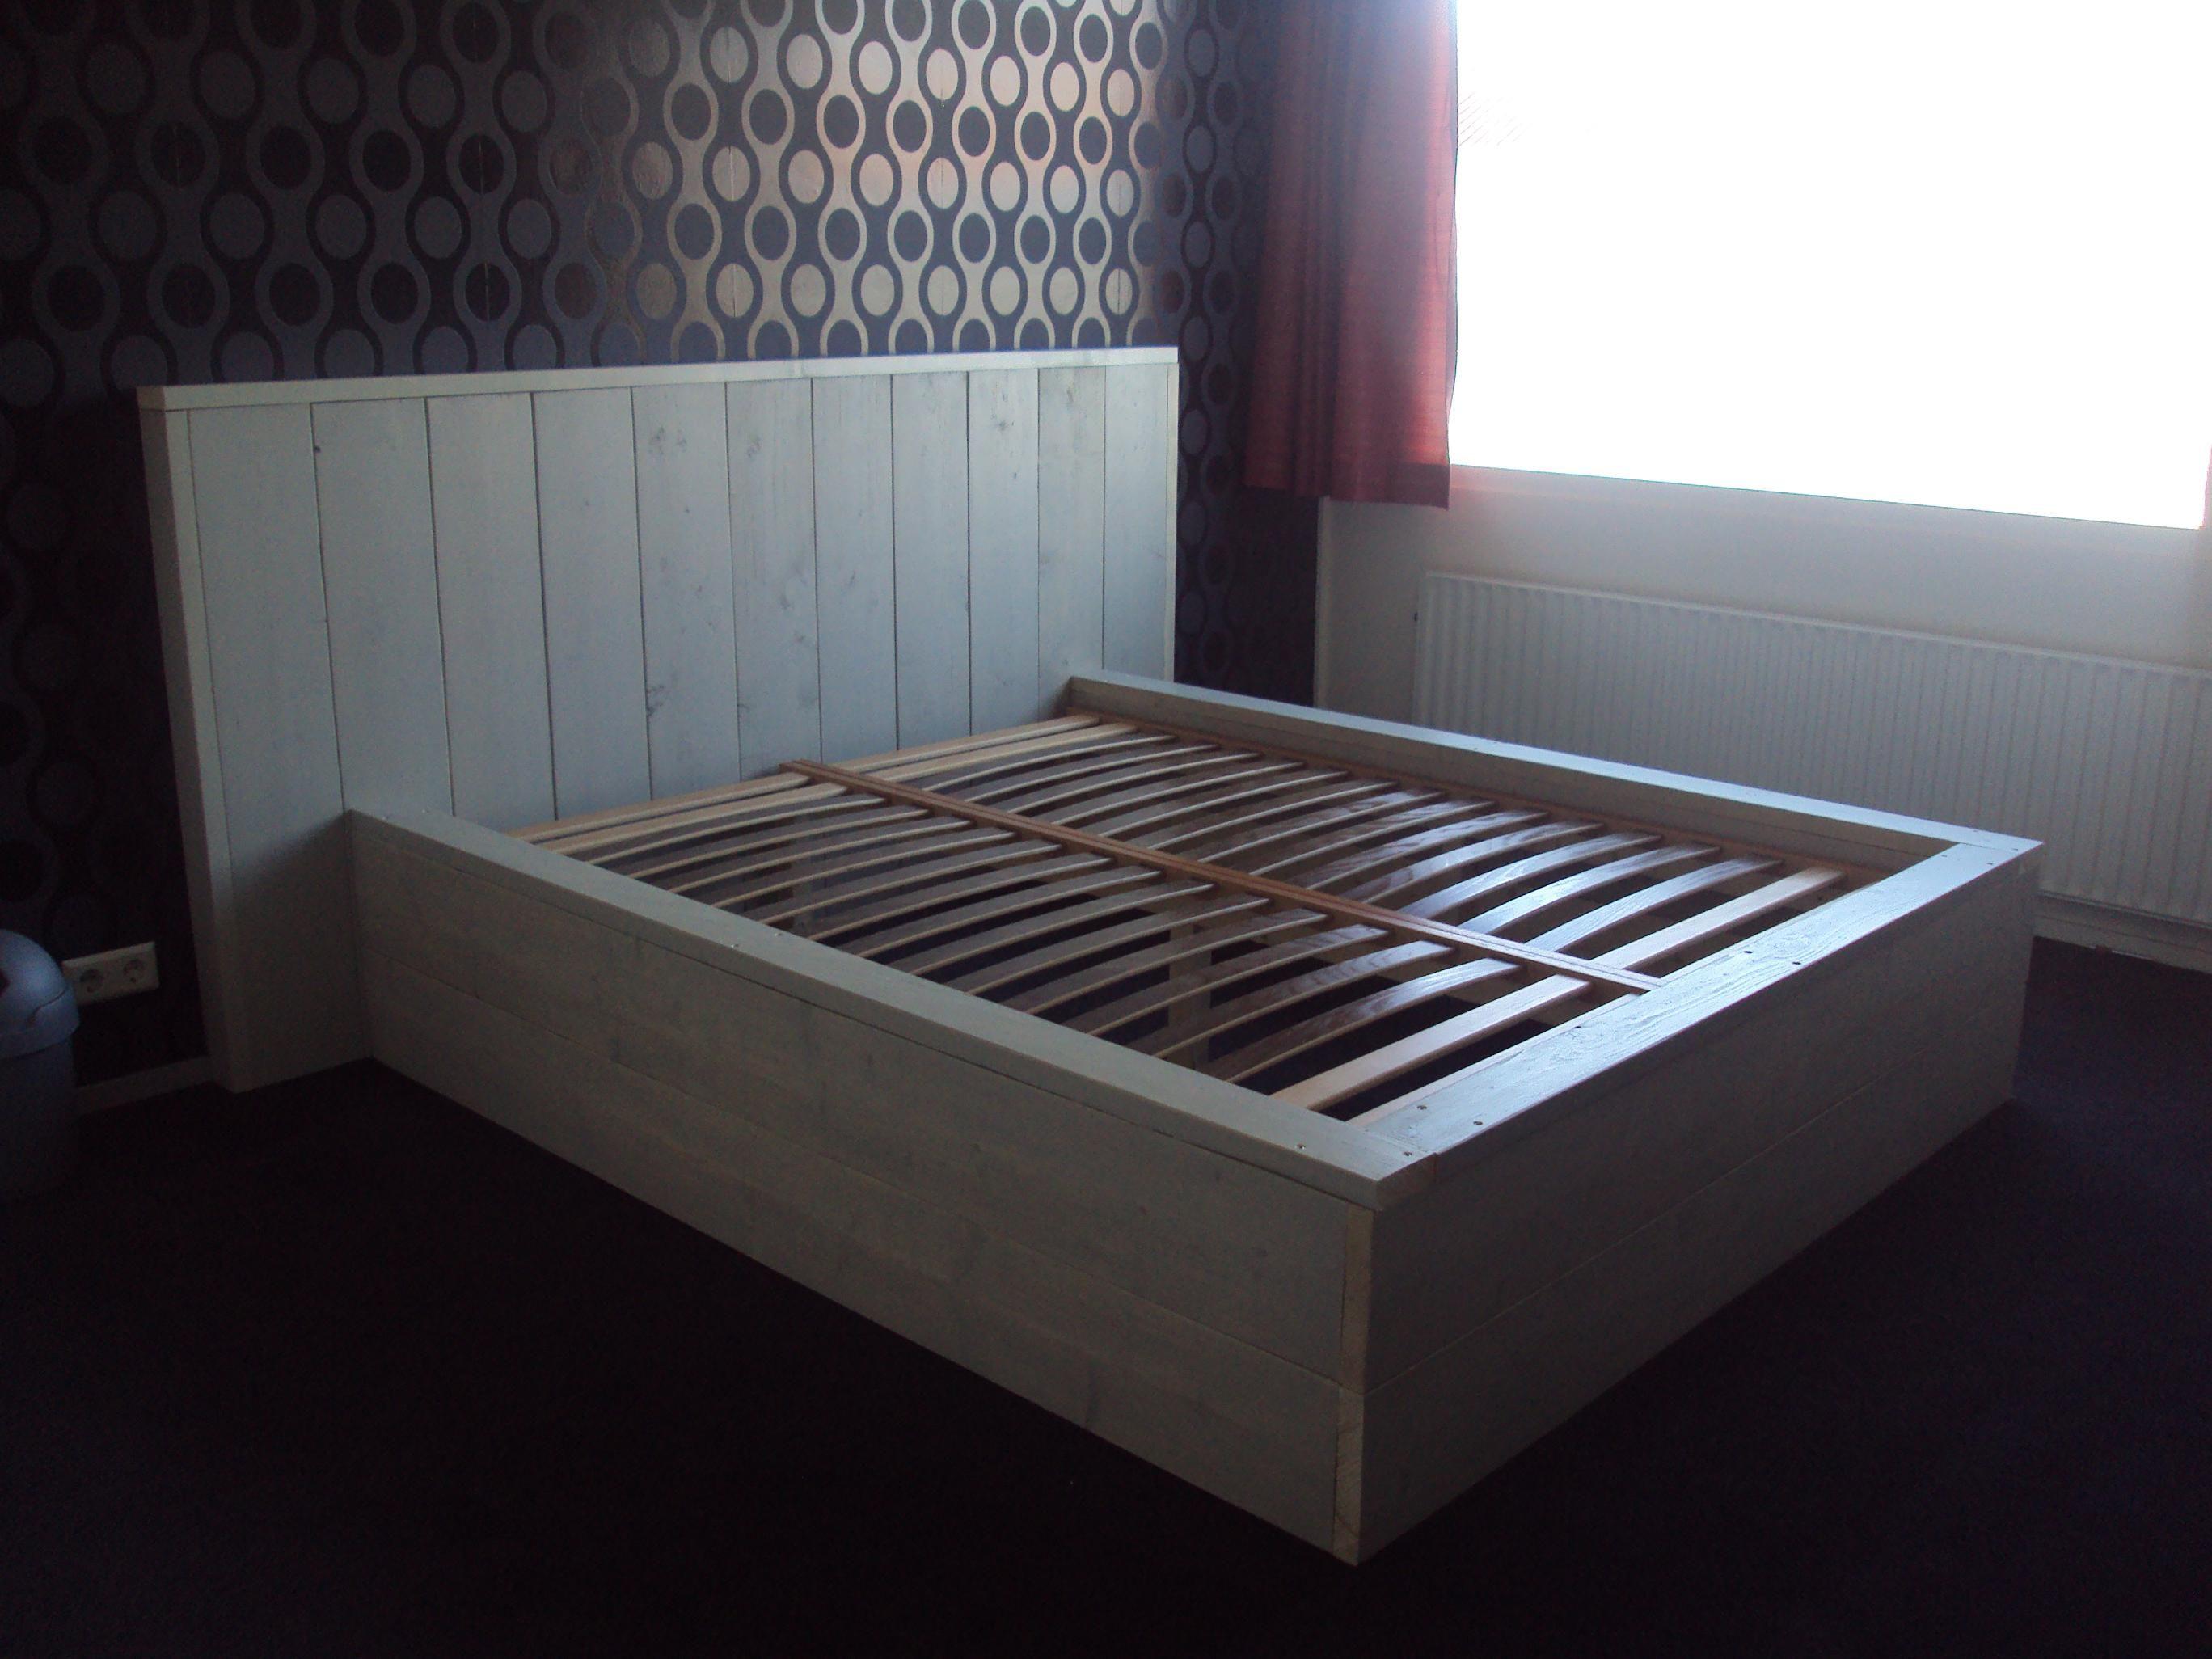 Goedkoop Bed Frame.Maak Zelf Goedkoop Uw 2 Persoons Bed Van Steigerhout Met Deze Stap